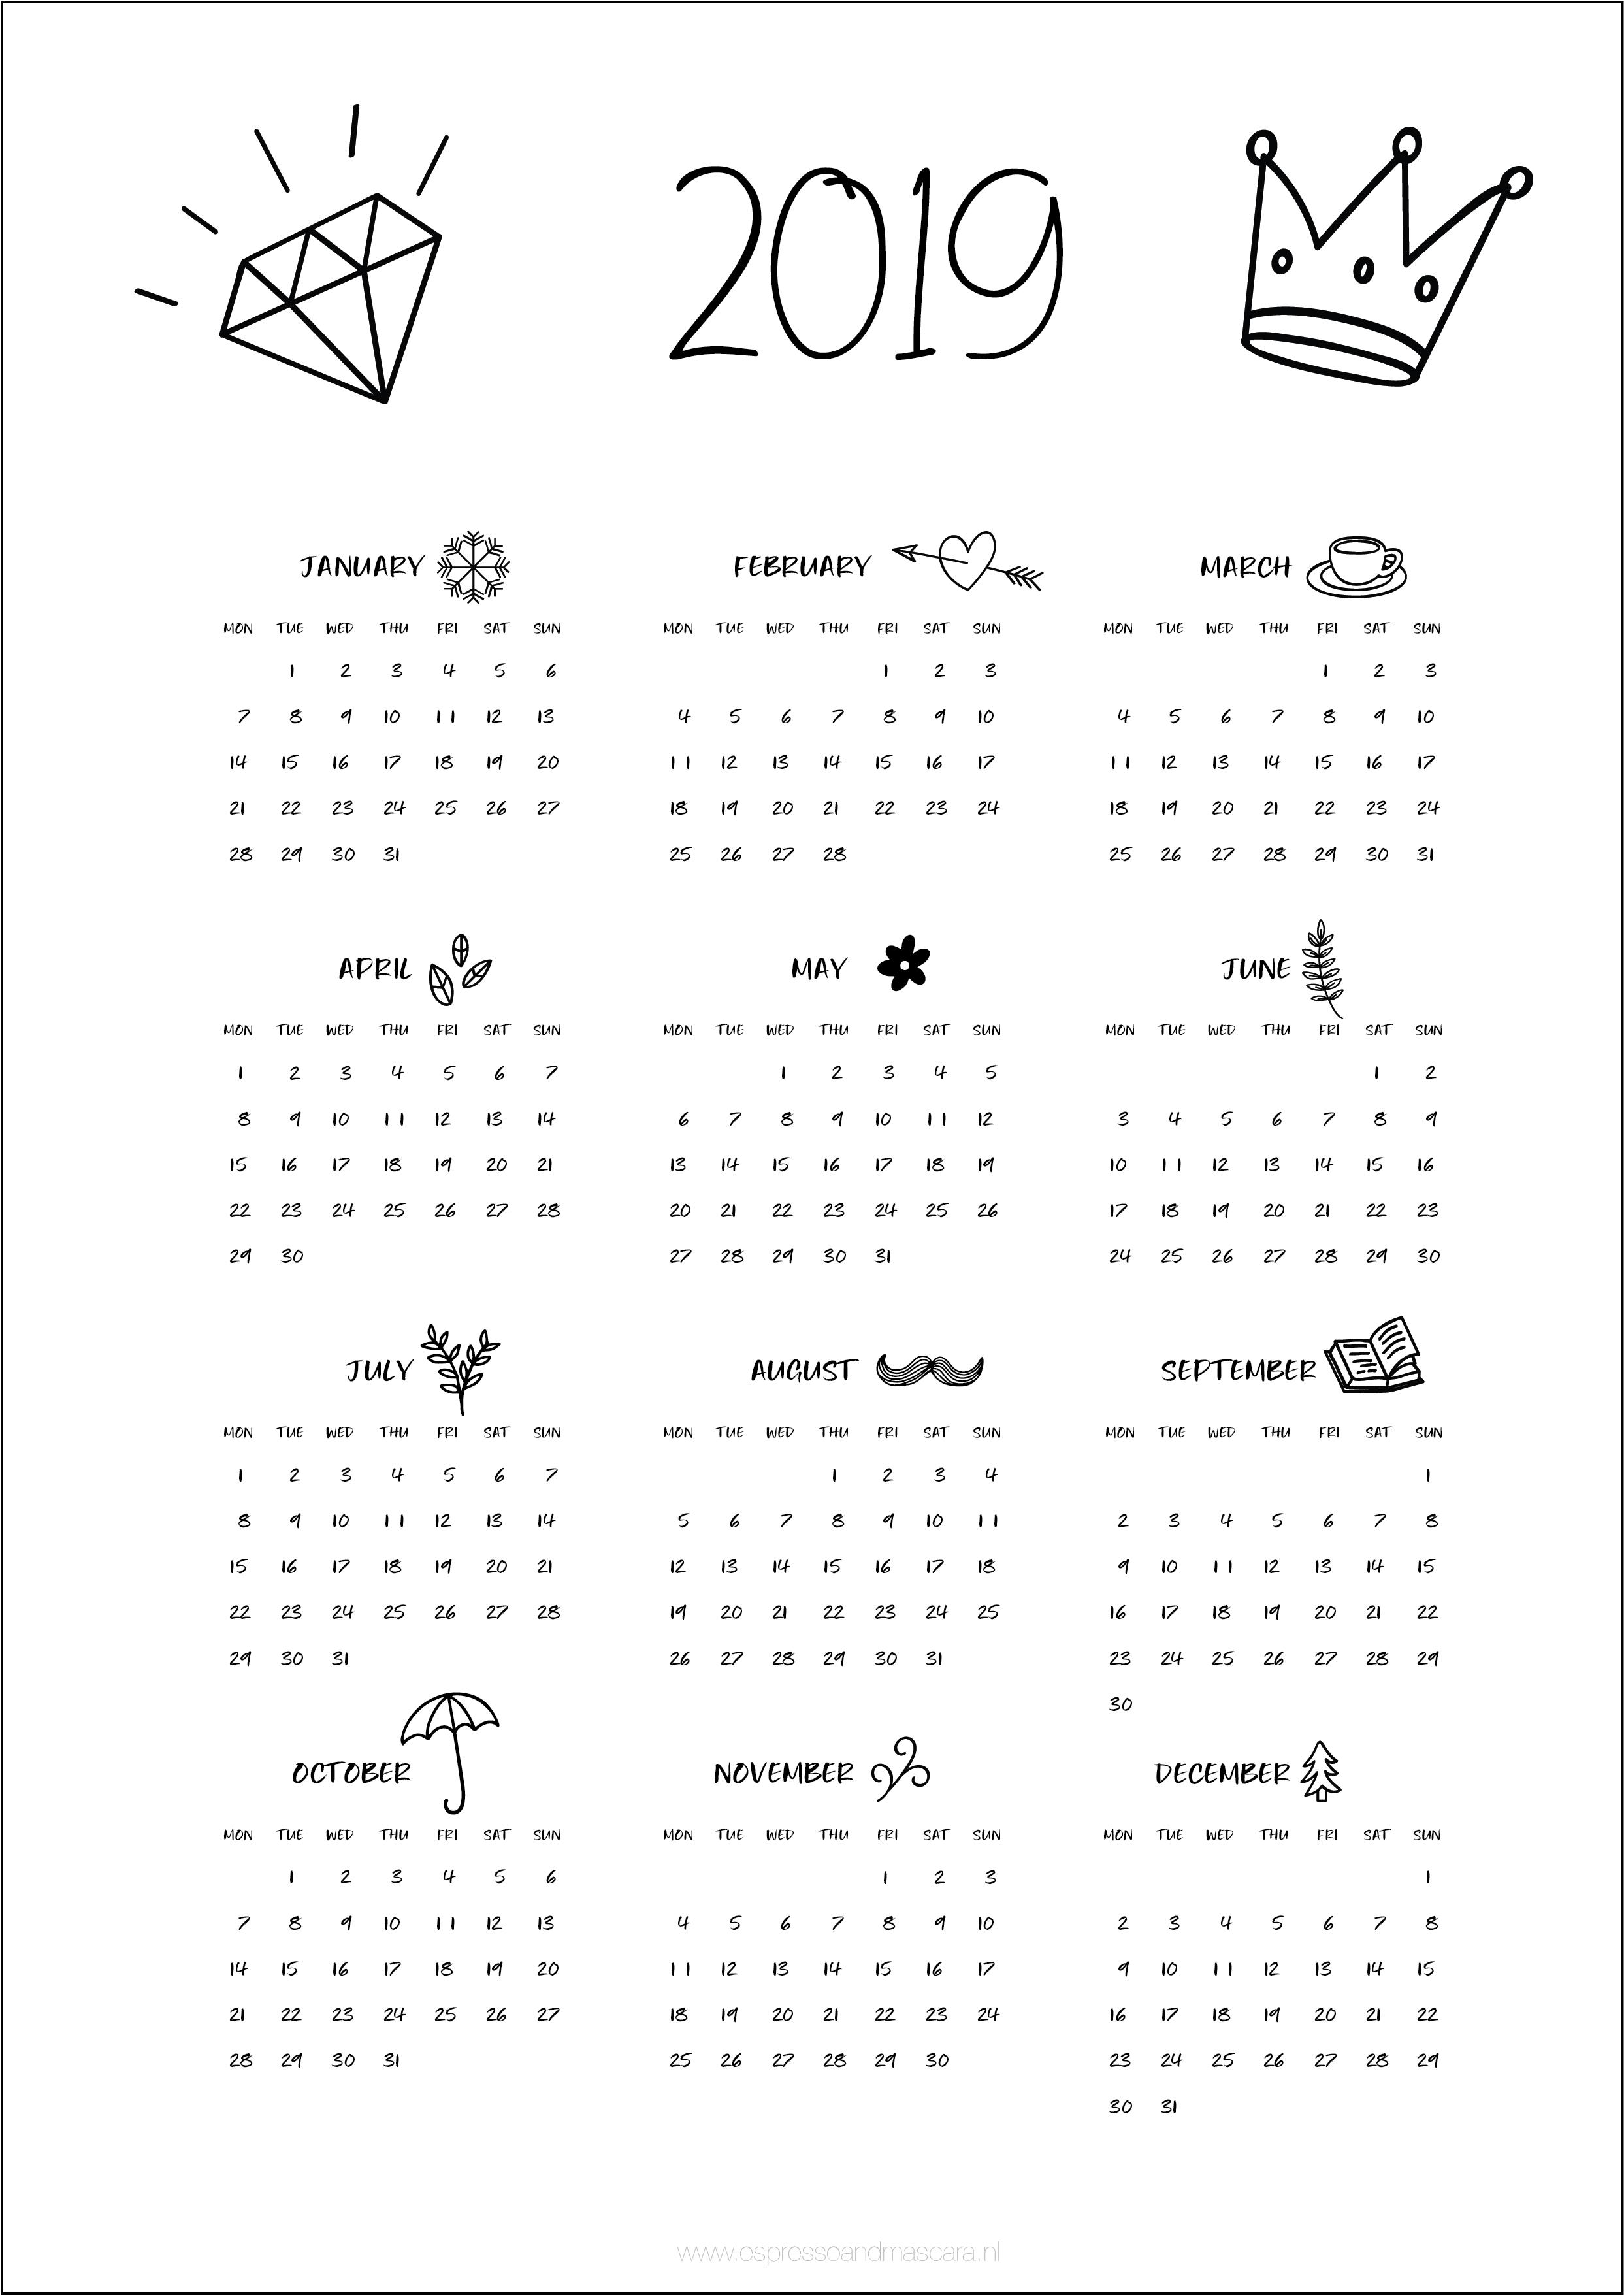 Calendars 2019 – Free Download   Insta   Pinterest   Calendar, 2019 Calendar 2019 Free